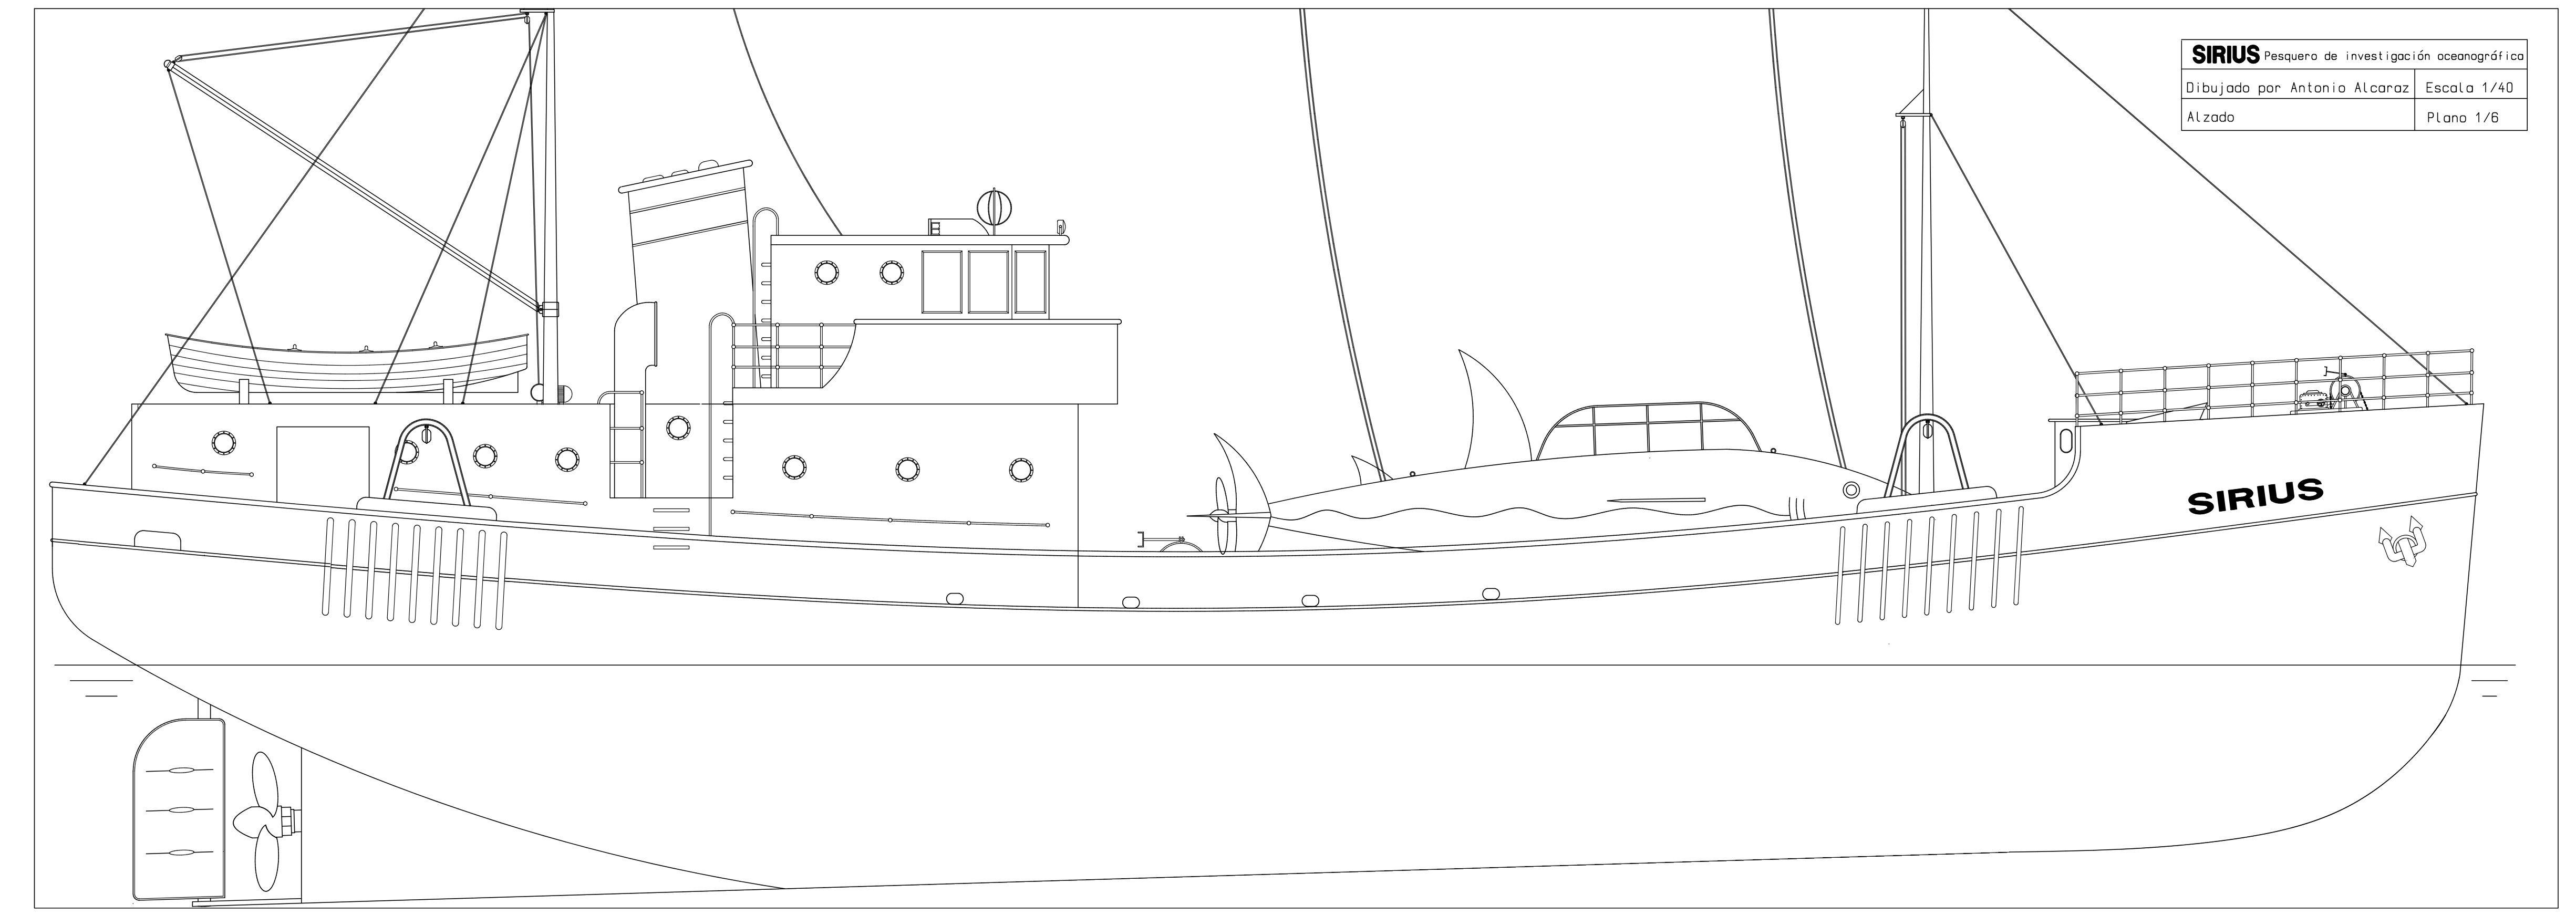 Resultats De Recherche D Images Pour Modelismo Naval